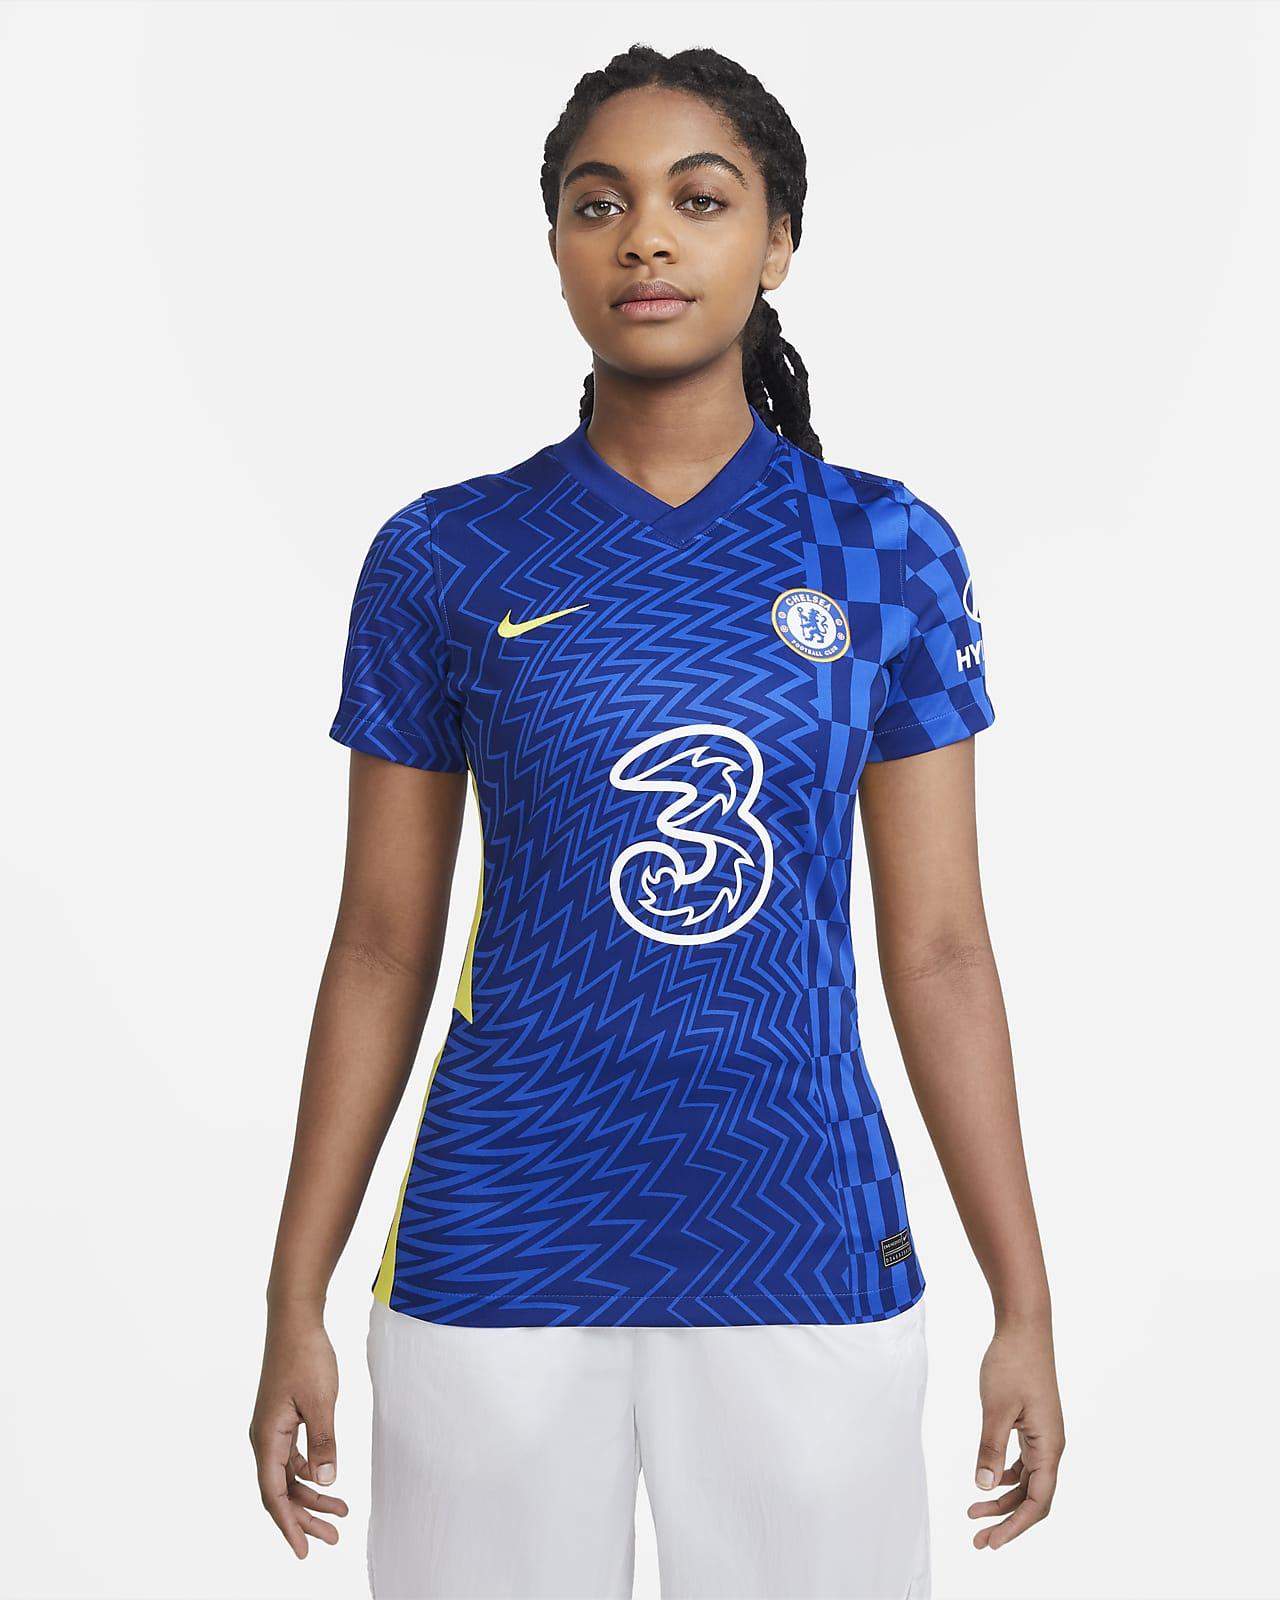 Maglia da calcio Chelsea FC 2021/22 Stadium da donna - Home